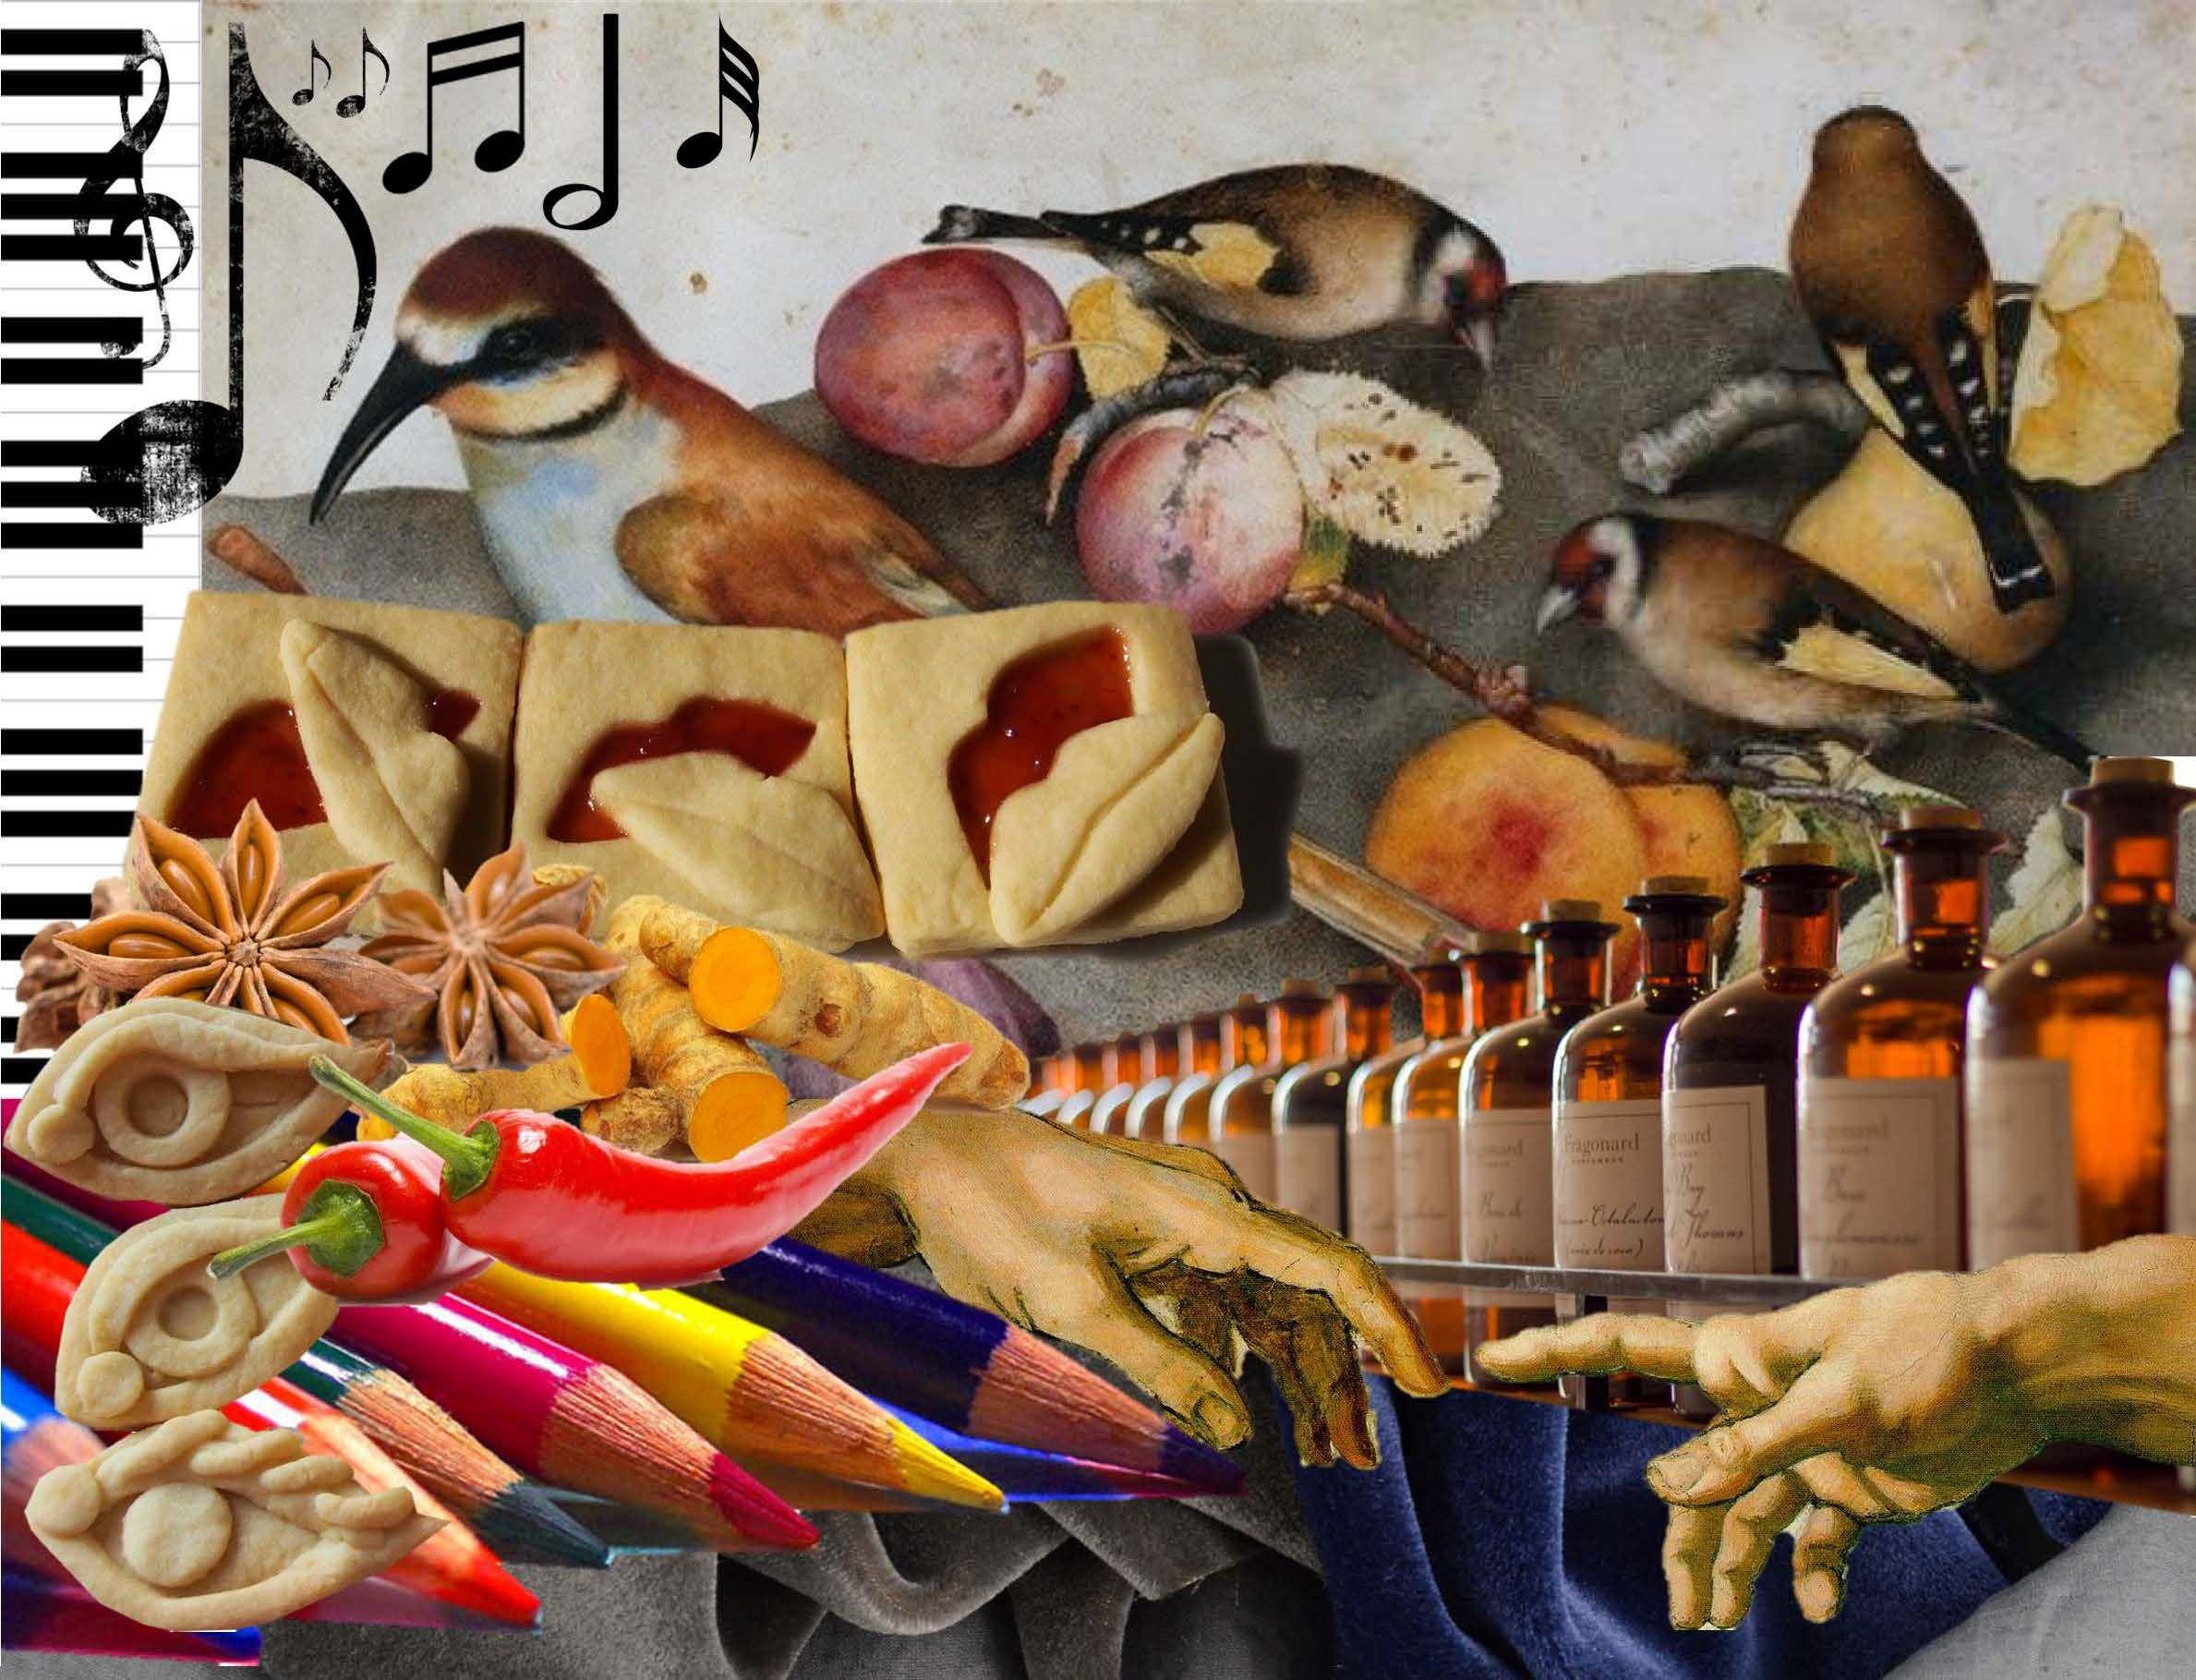 L'esperienza del gusto: i sapori e gli stimoli legati ai sensi